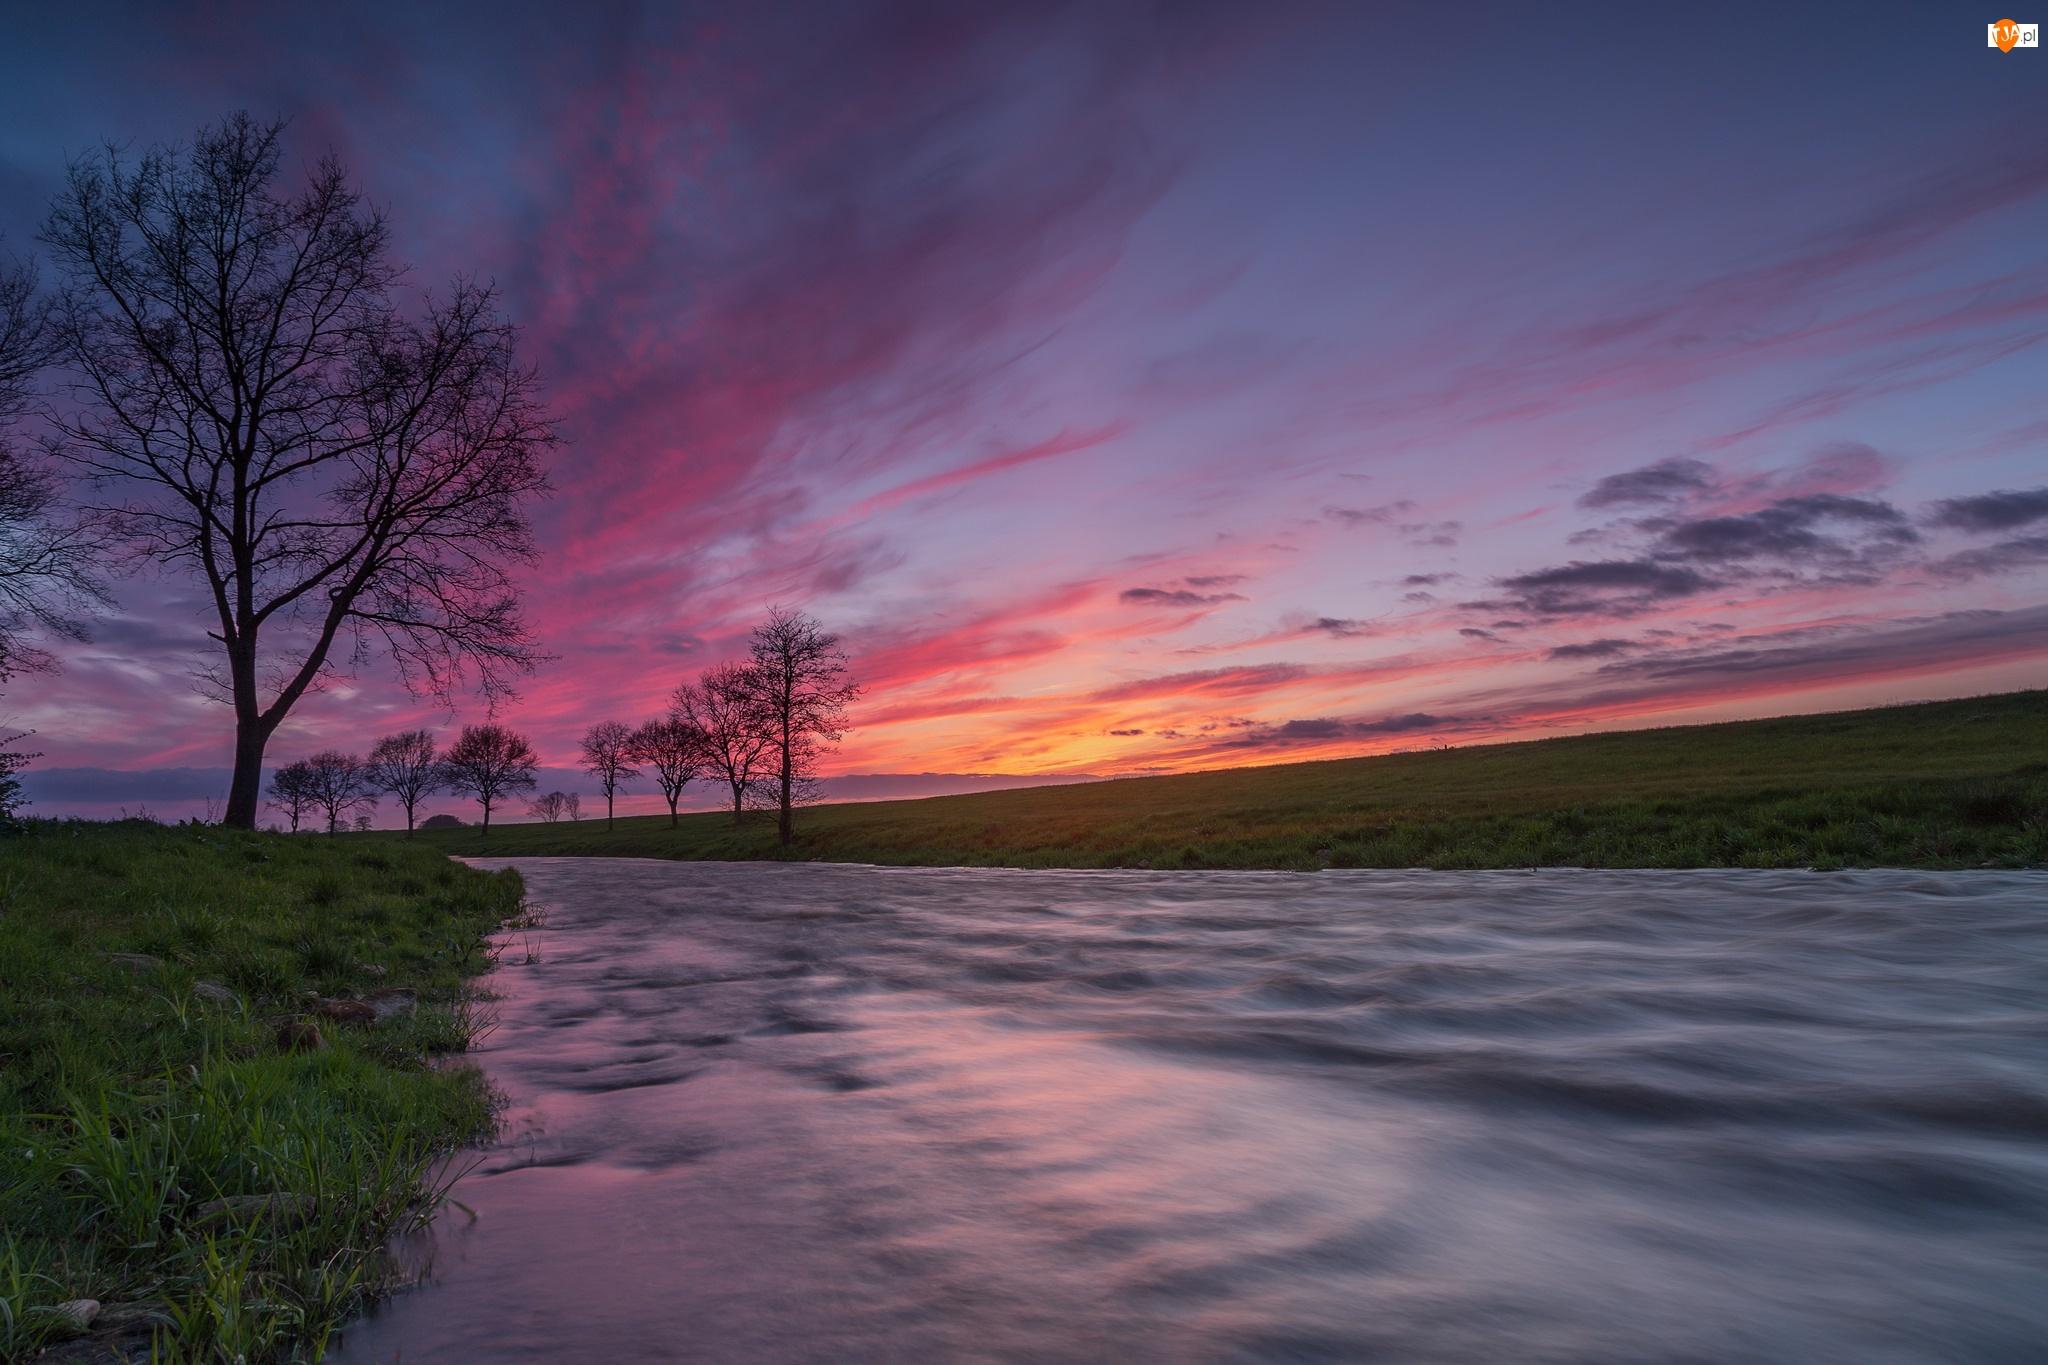 Drzewa, Rzeka, Trawa, Zachód słońca, Łąka, Chmury